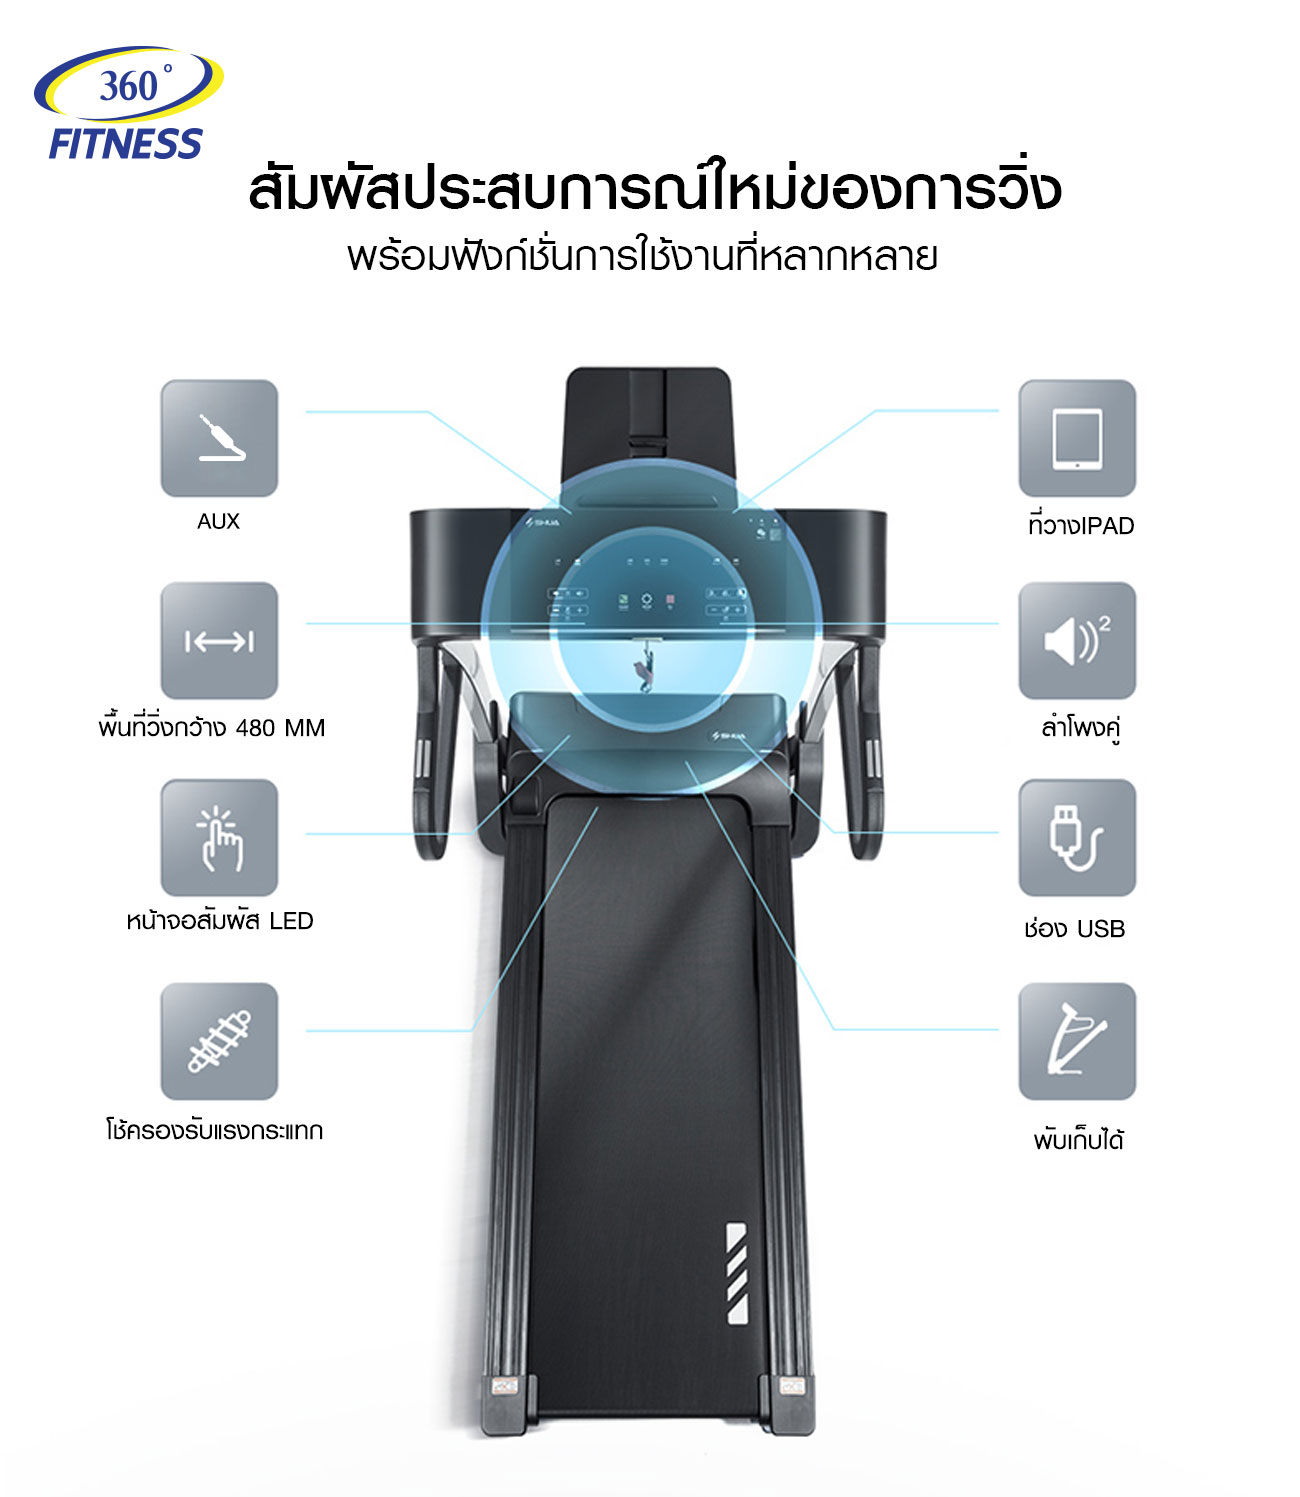 ลู่วิ่งไฟฟ้า 360องศา ฟิตเนส รุ่น A5 - DC 2.5 HP motor